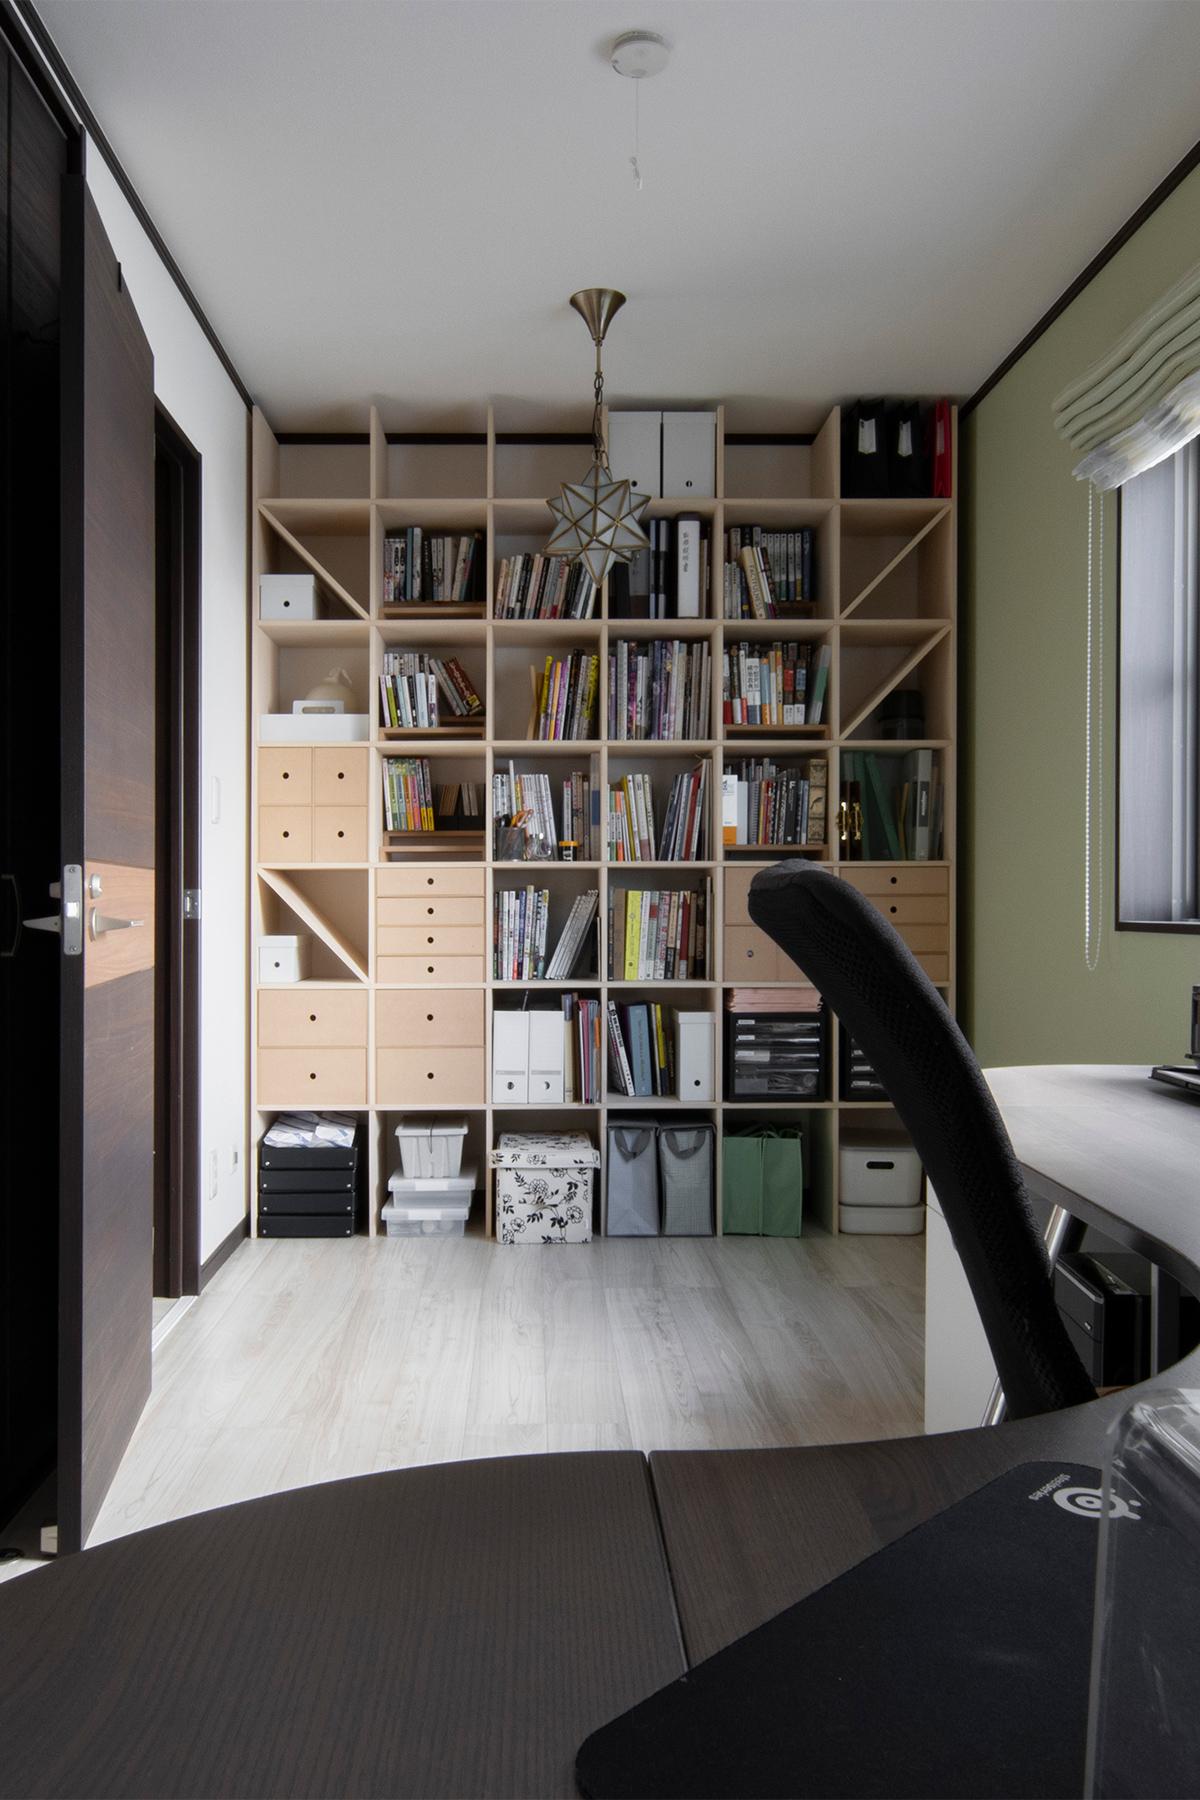 仕事部屋の一面に | 壁一面の本棚 奥行350mm / Shelf (No.110) | マルゲリータ使用例